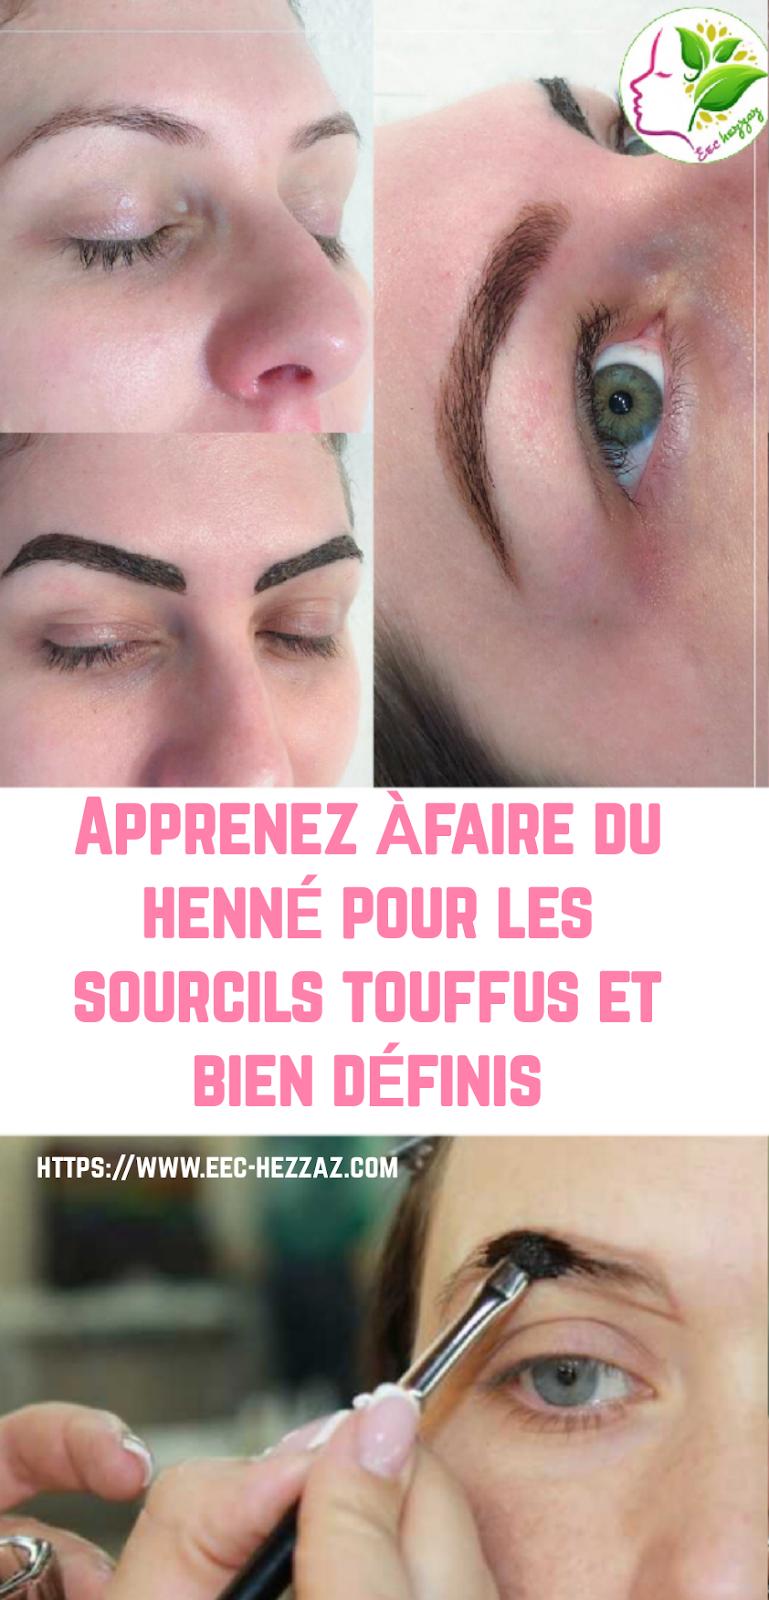 Apprenez A Faire Du Henne Pour Les Sourcils Touffus Et Bien Definis Teinture Sourcils Sourcils Faire Pousser Les Cils